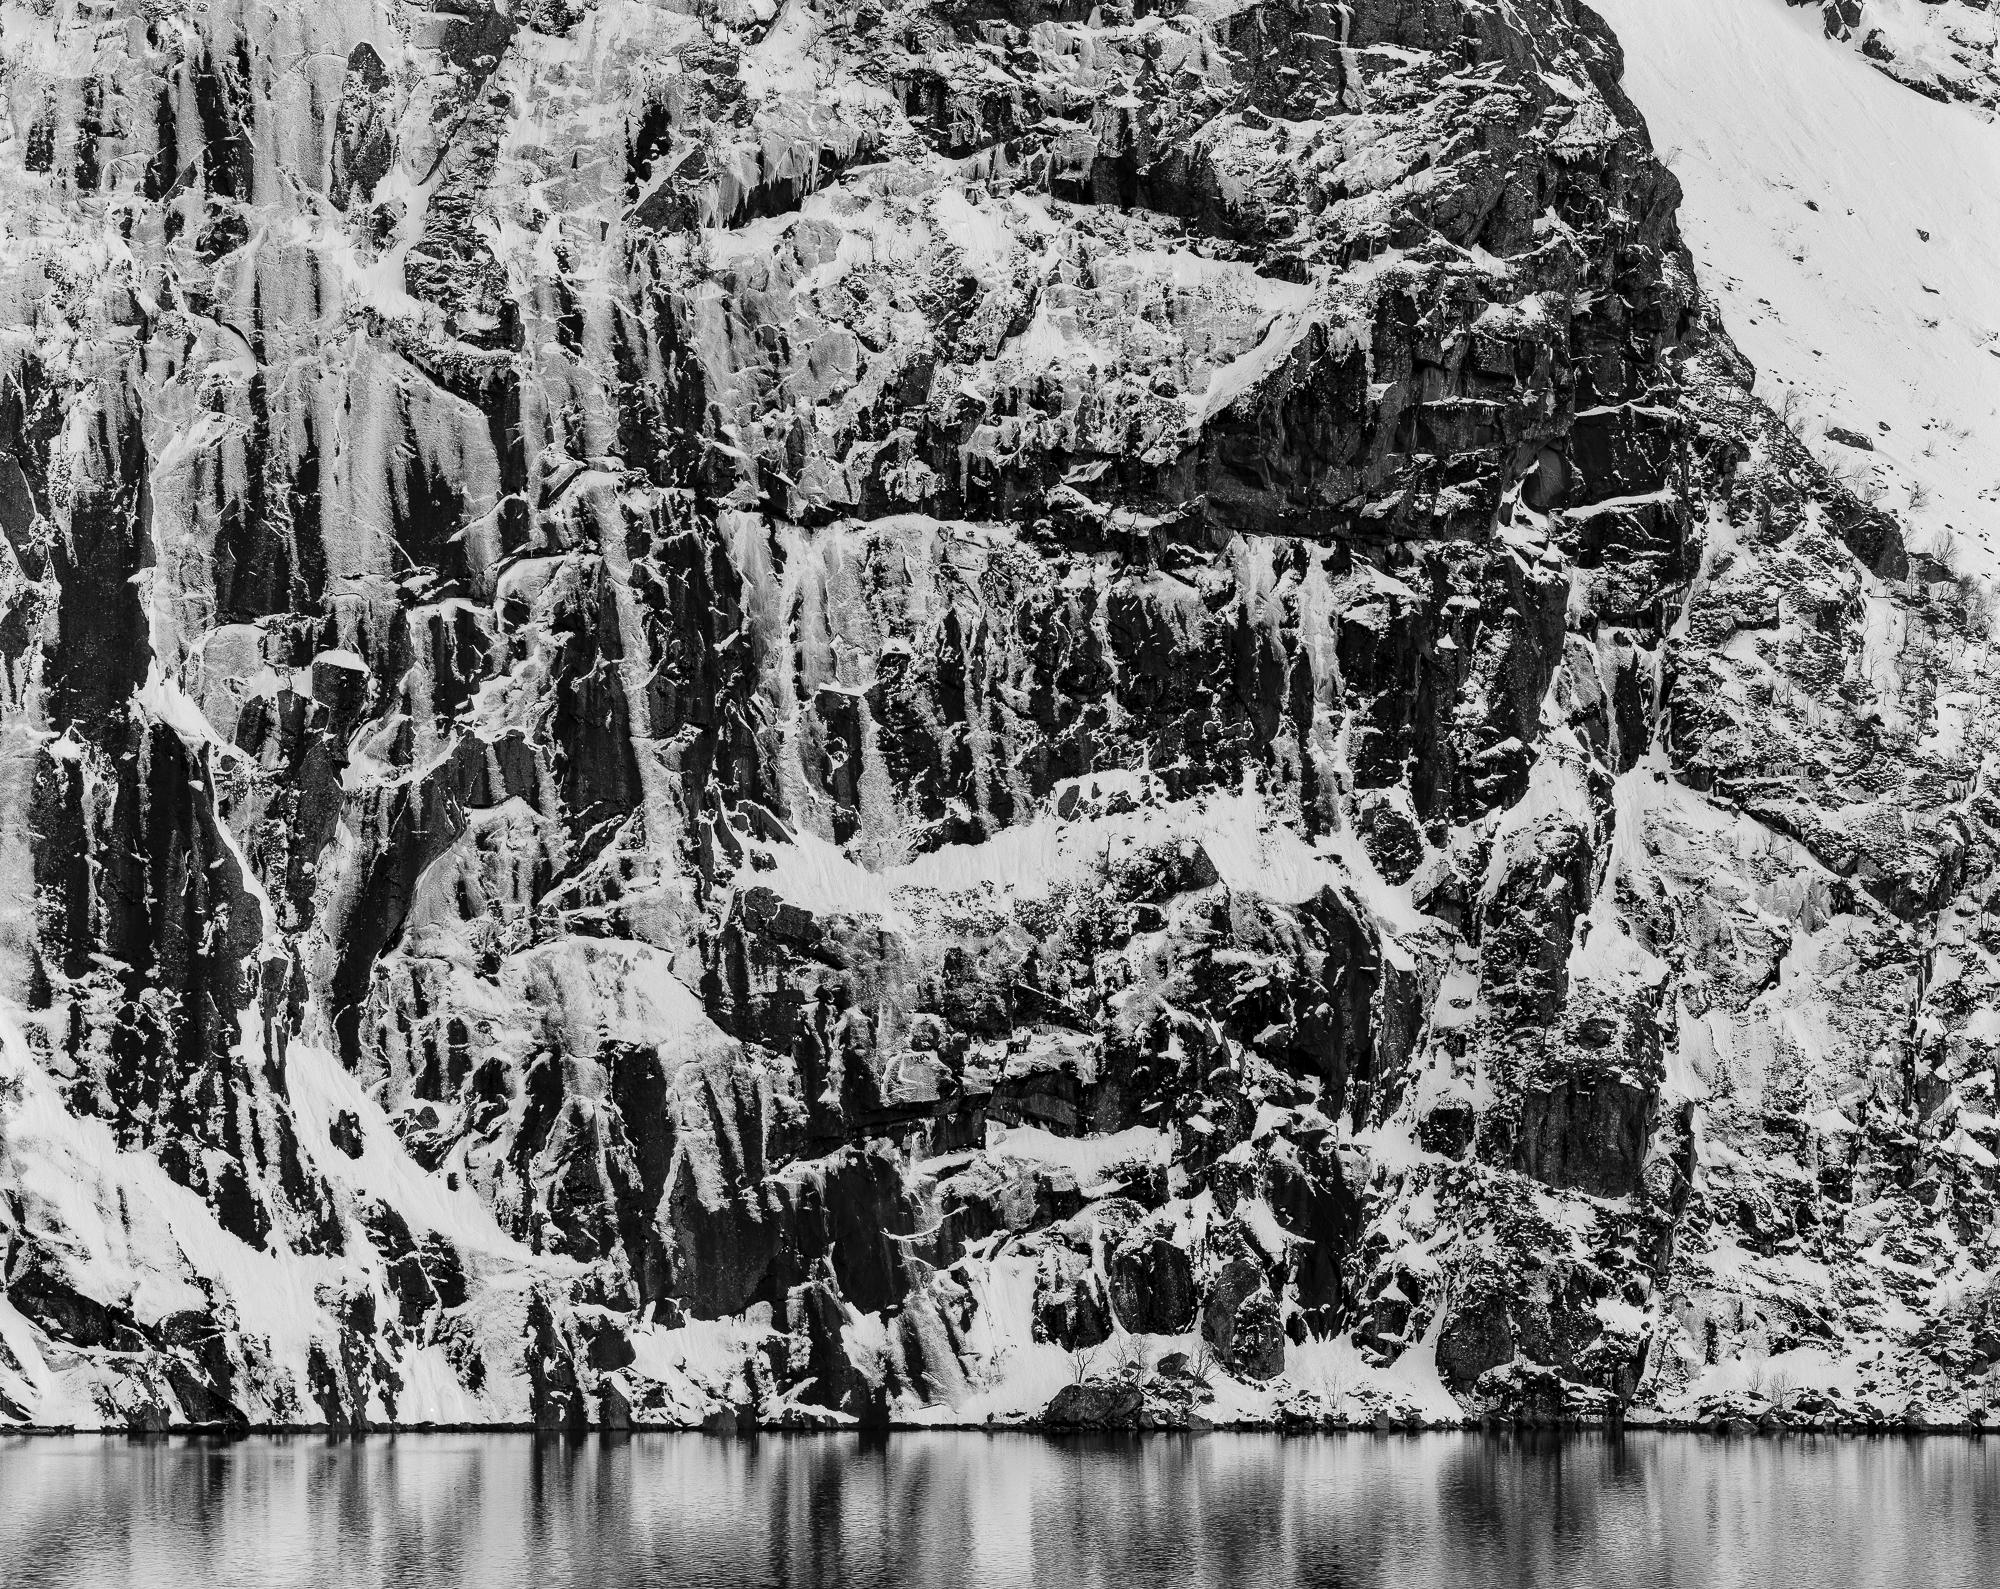 Higraffsfjorden. ©Bjørn Joachimsen